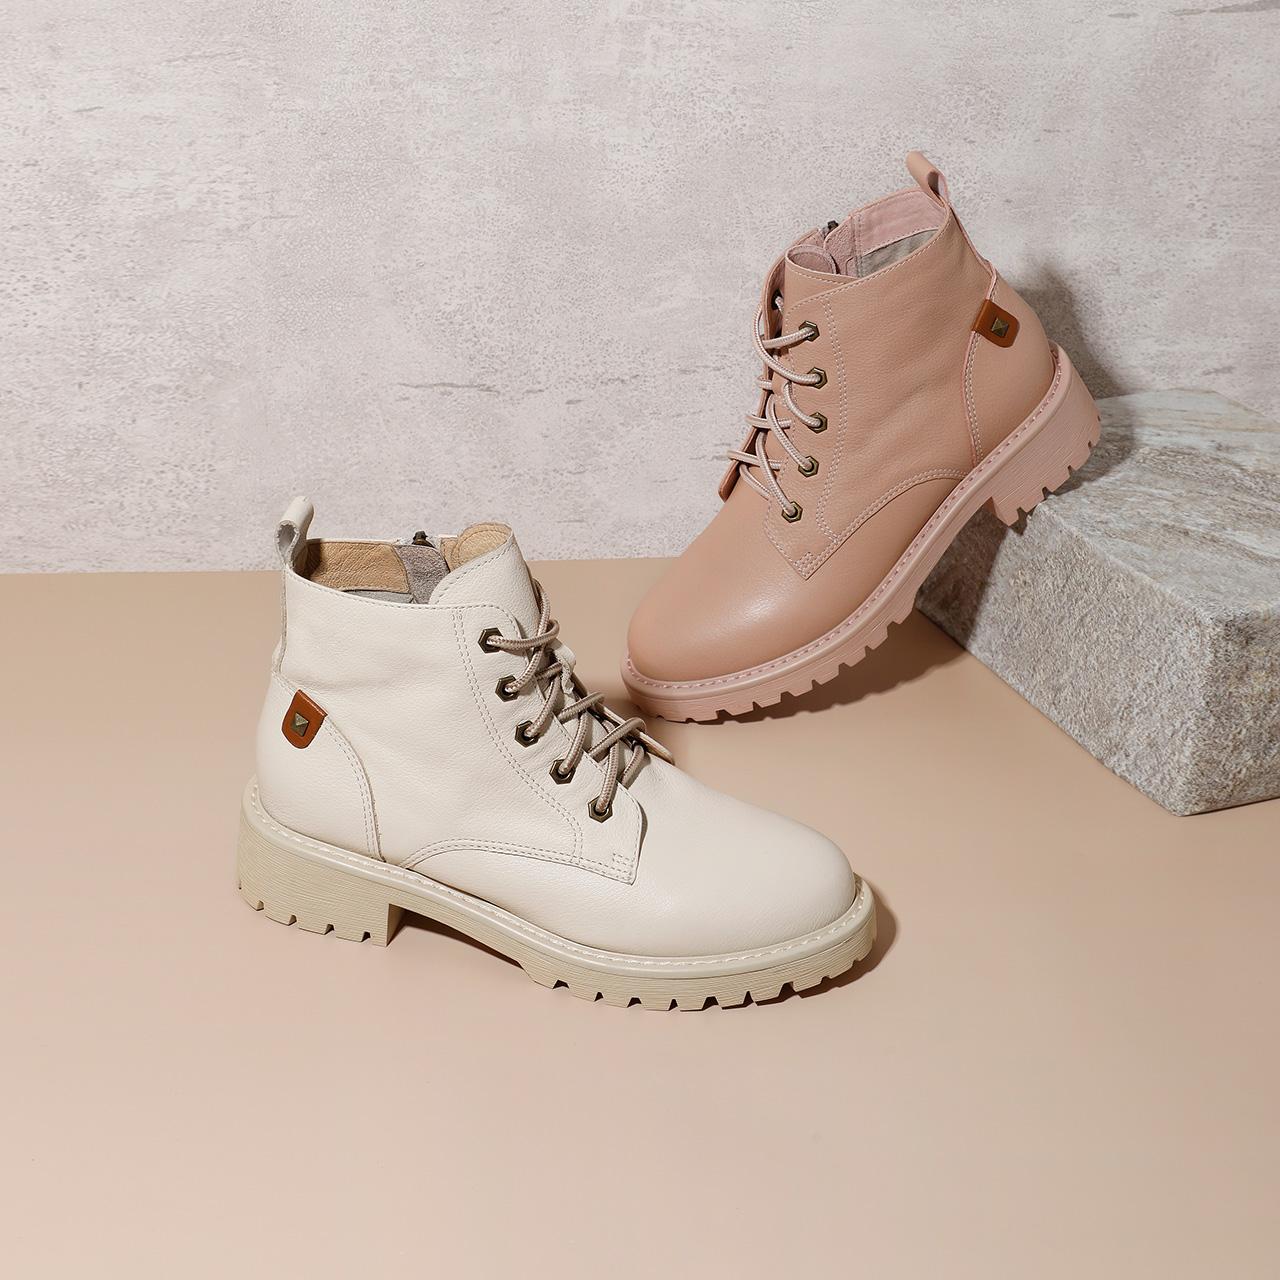 BZTB7DD9 冬新商场同款牛皮加绒休闲短靴 2019 百丽马丁靴女英伦风